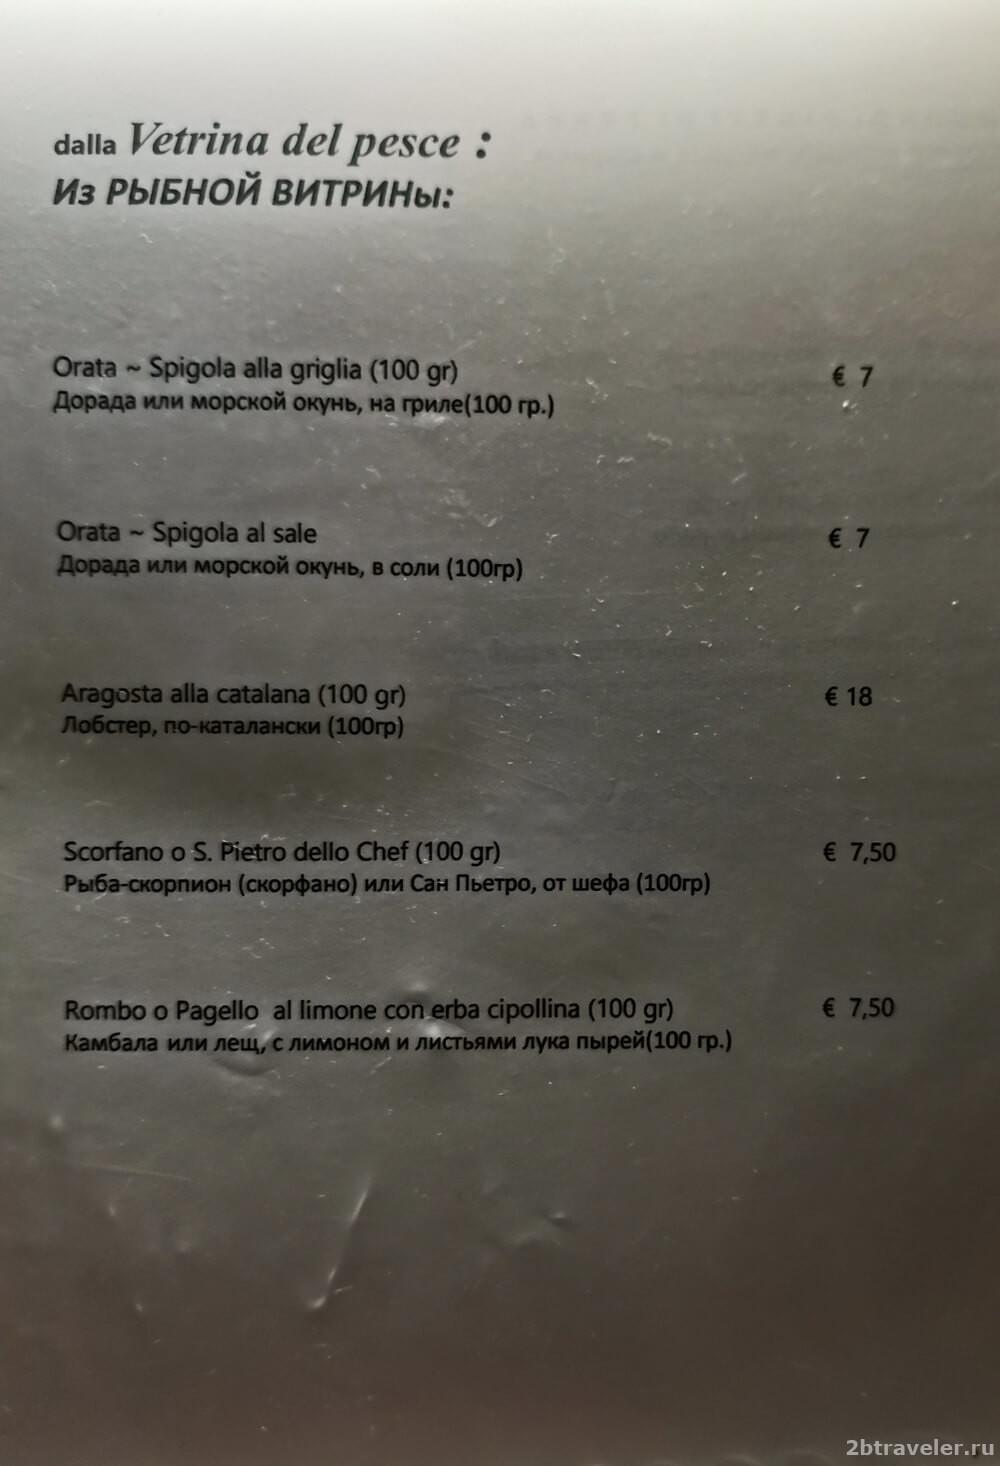 sardinia rest and reviews